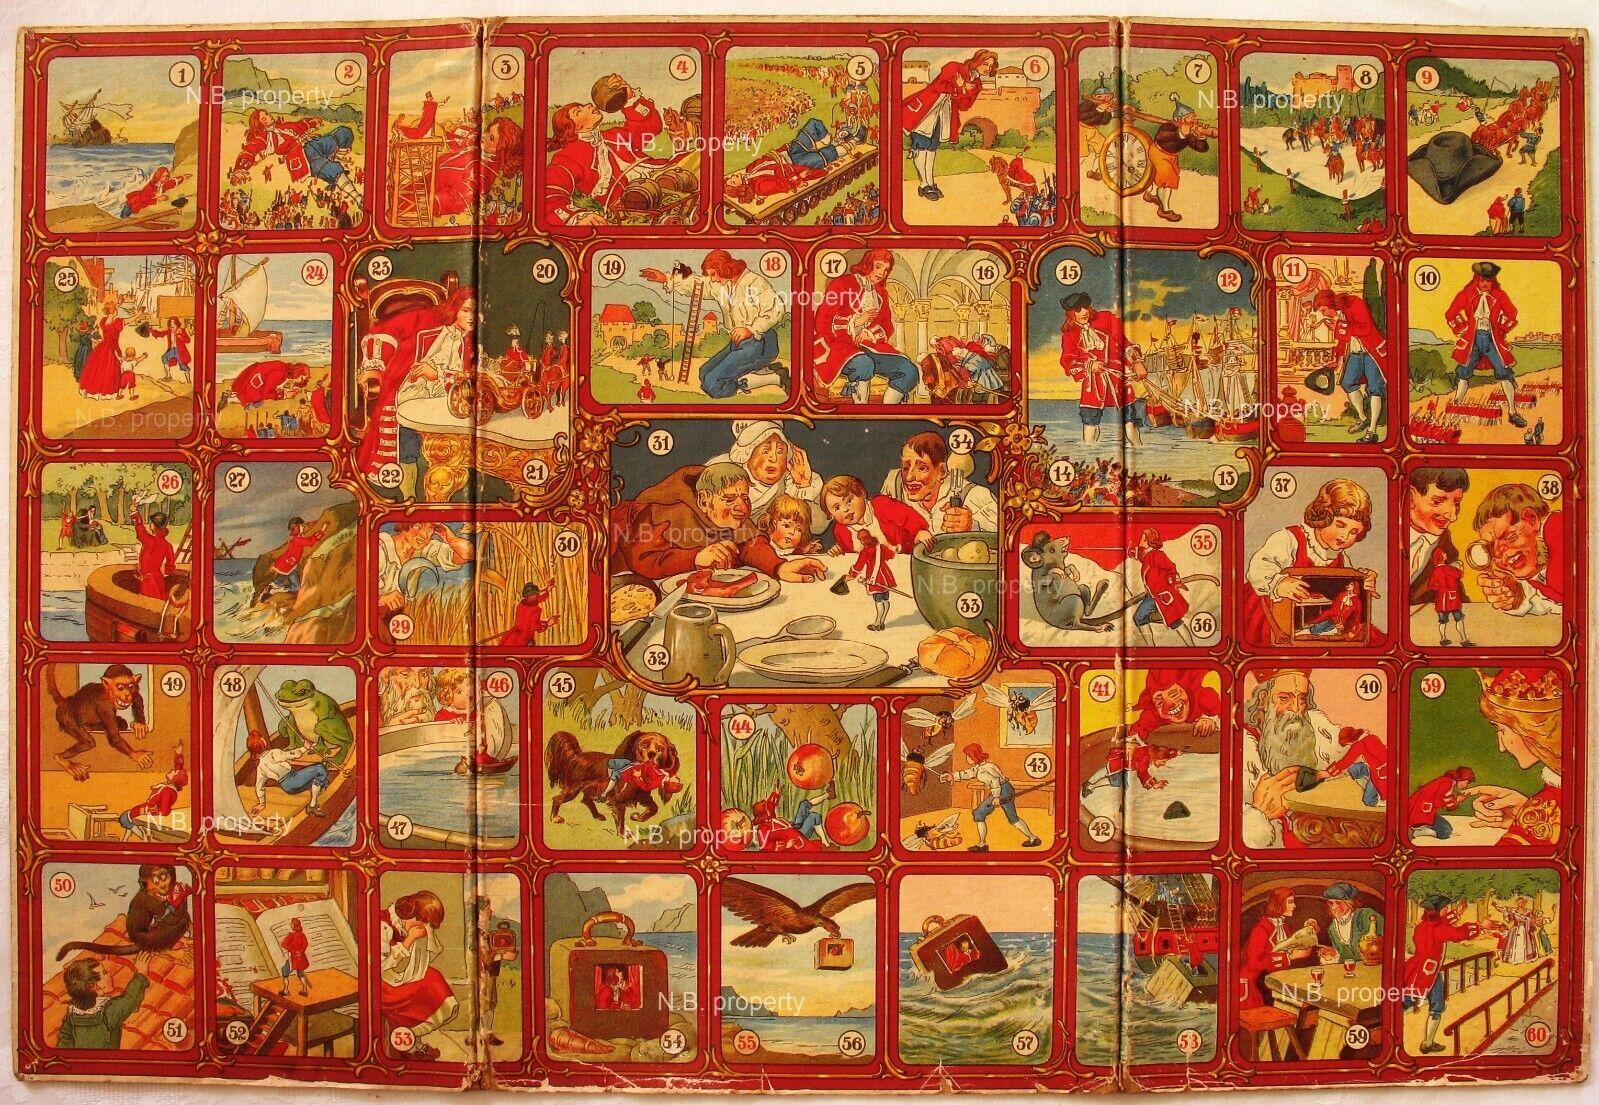 Alte Brettspiele Gulliver.Antico gioco da tavolo primi 900, brädspel